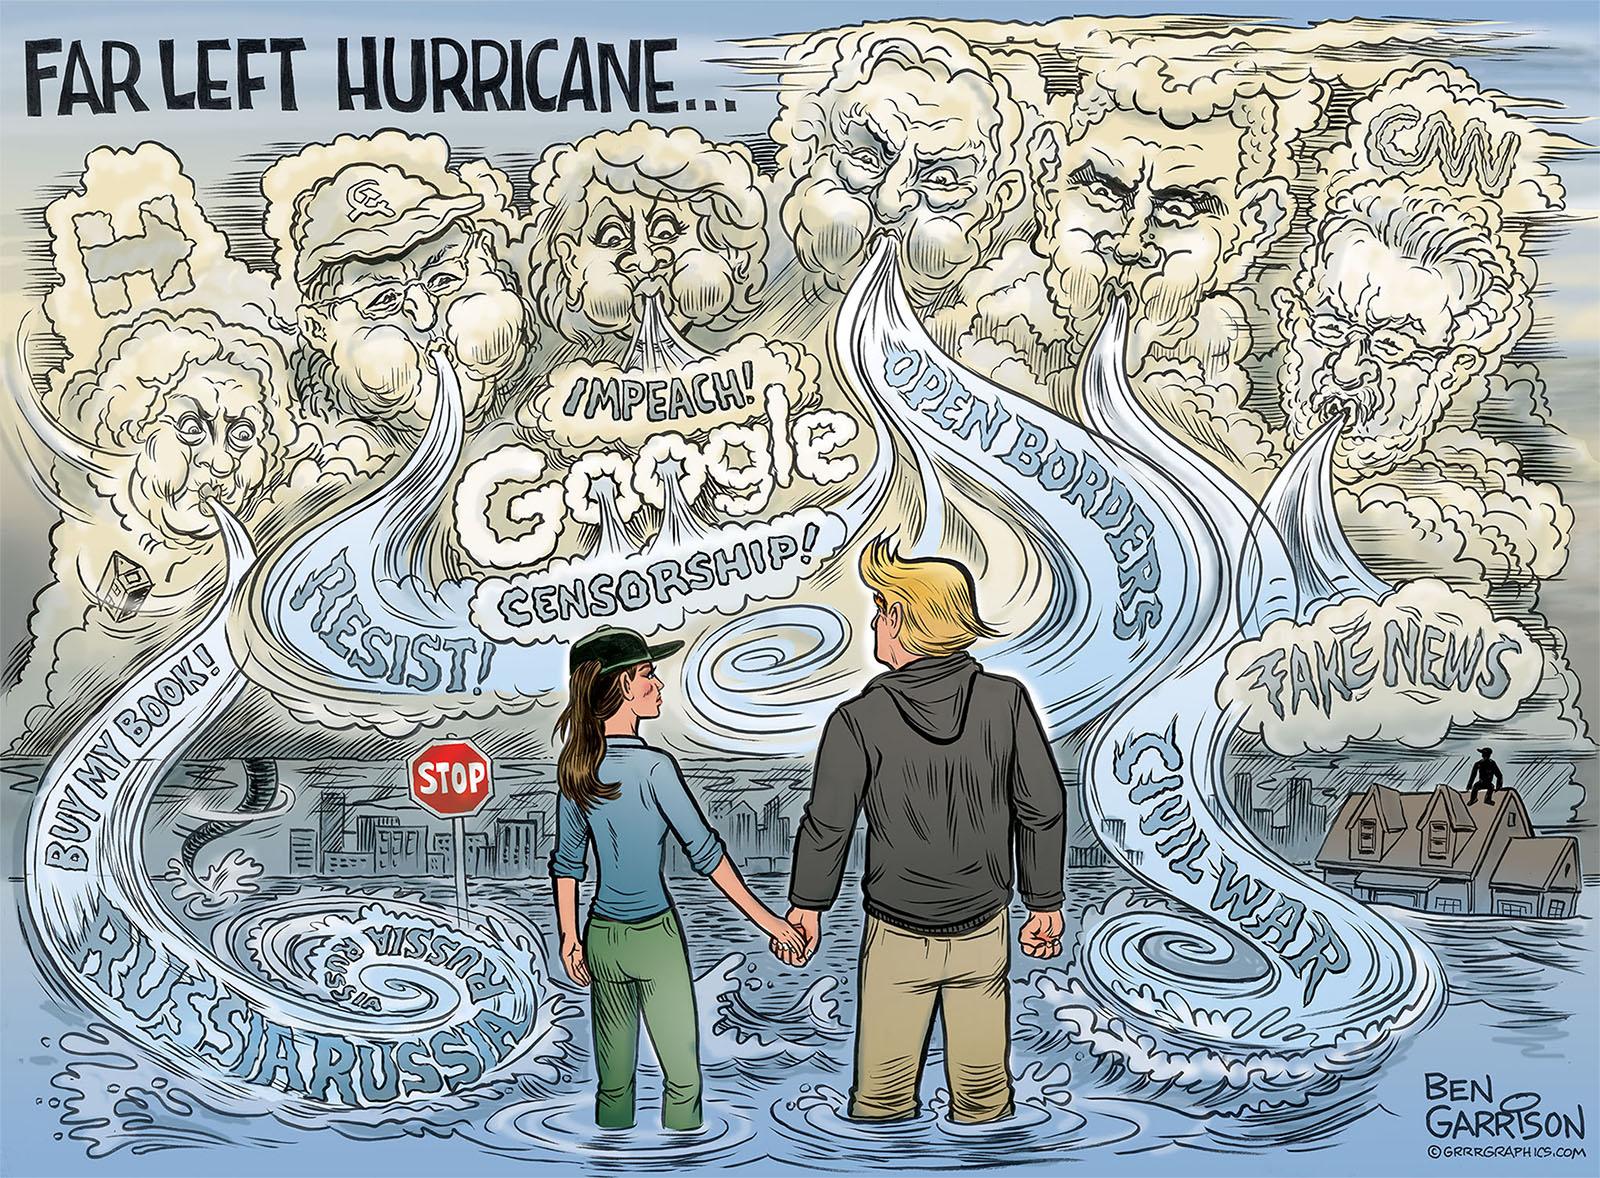 far-left-hurricane-ben-garrison.jpg